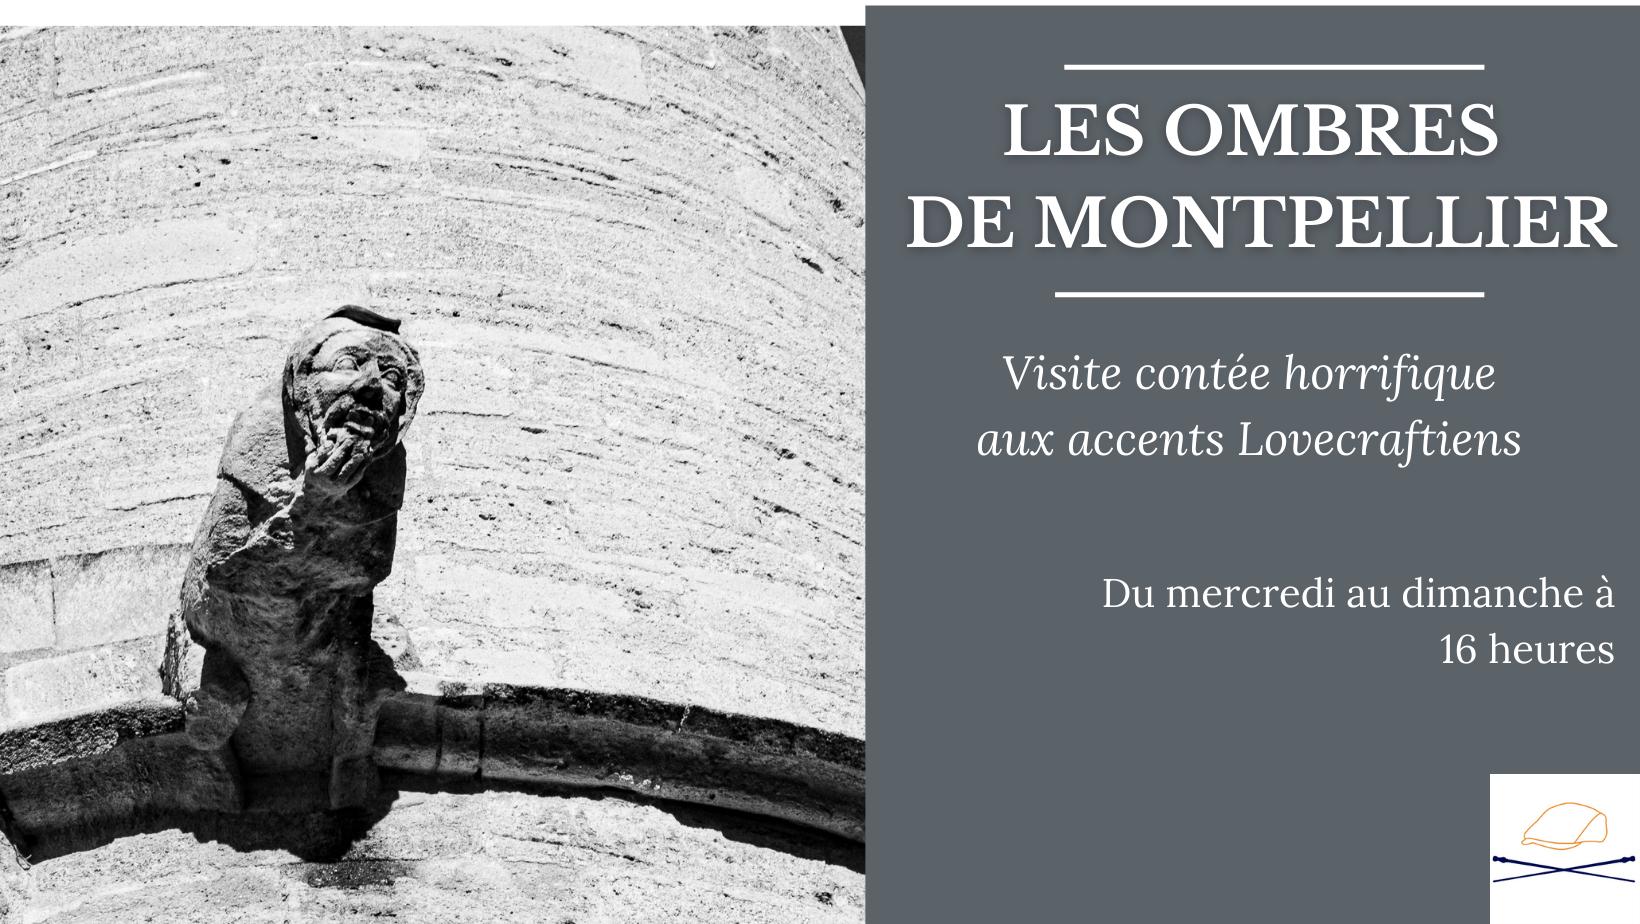 Les Ombres de Montpellier plein tarif